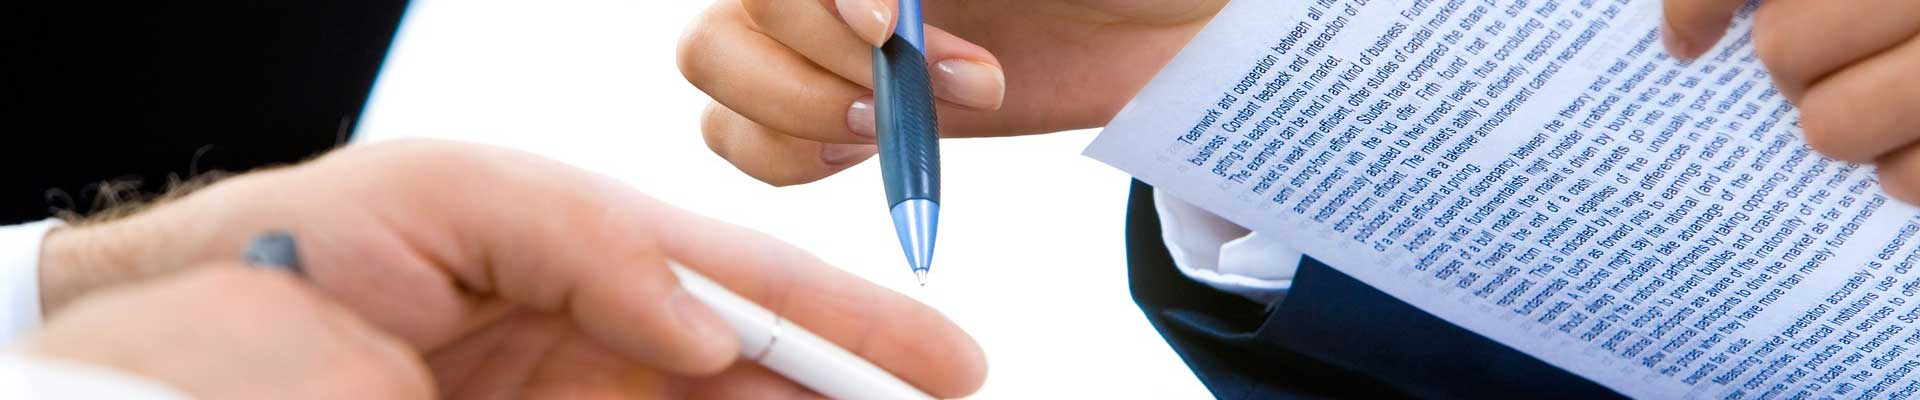 Hände mit Stiften und Papier